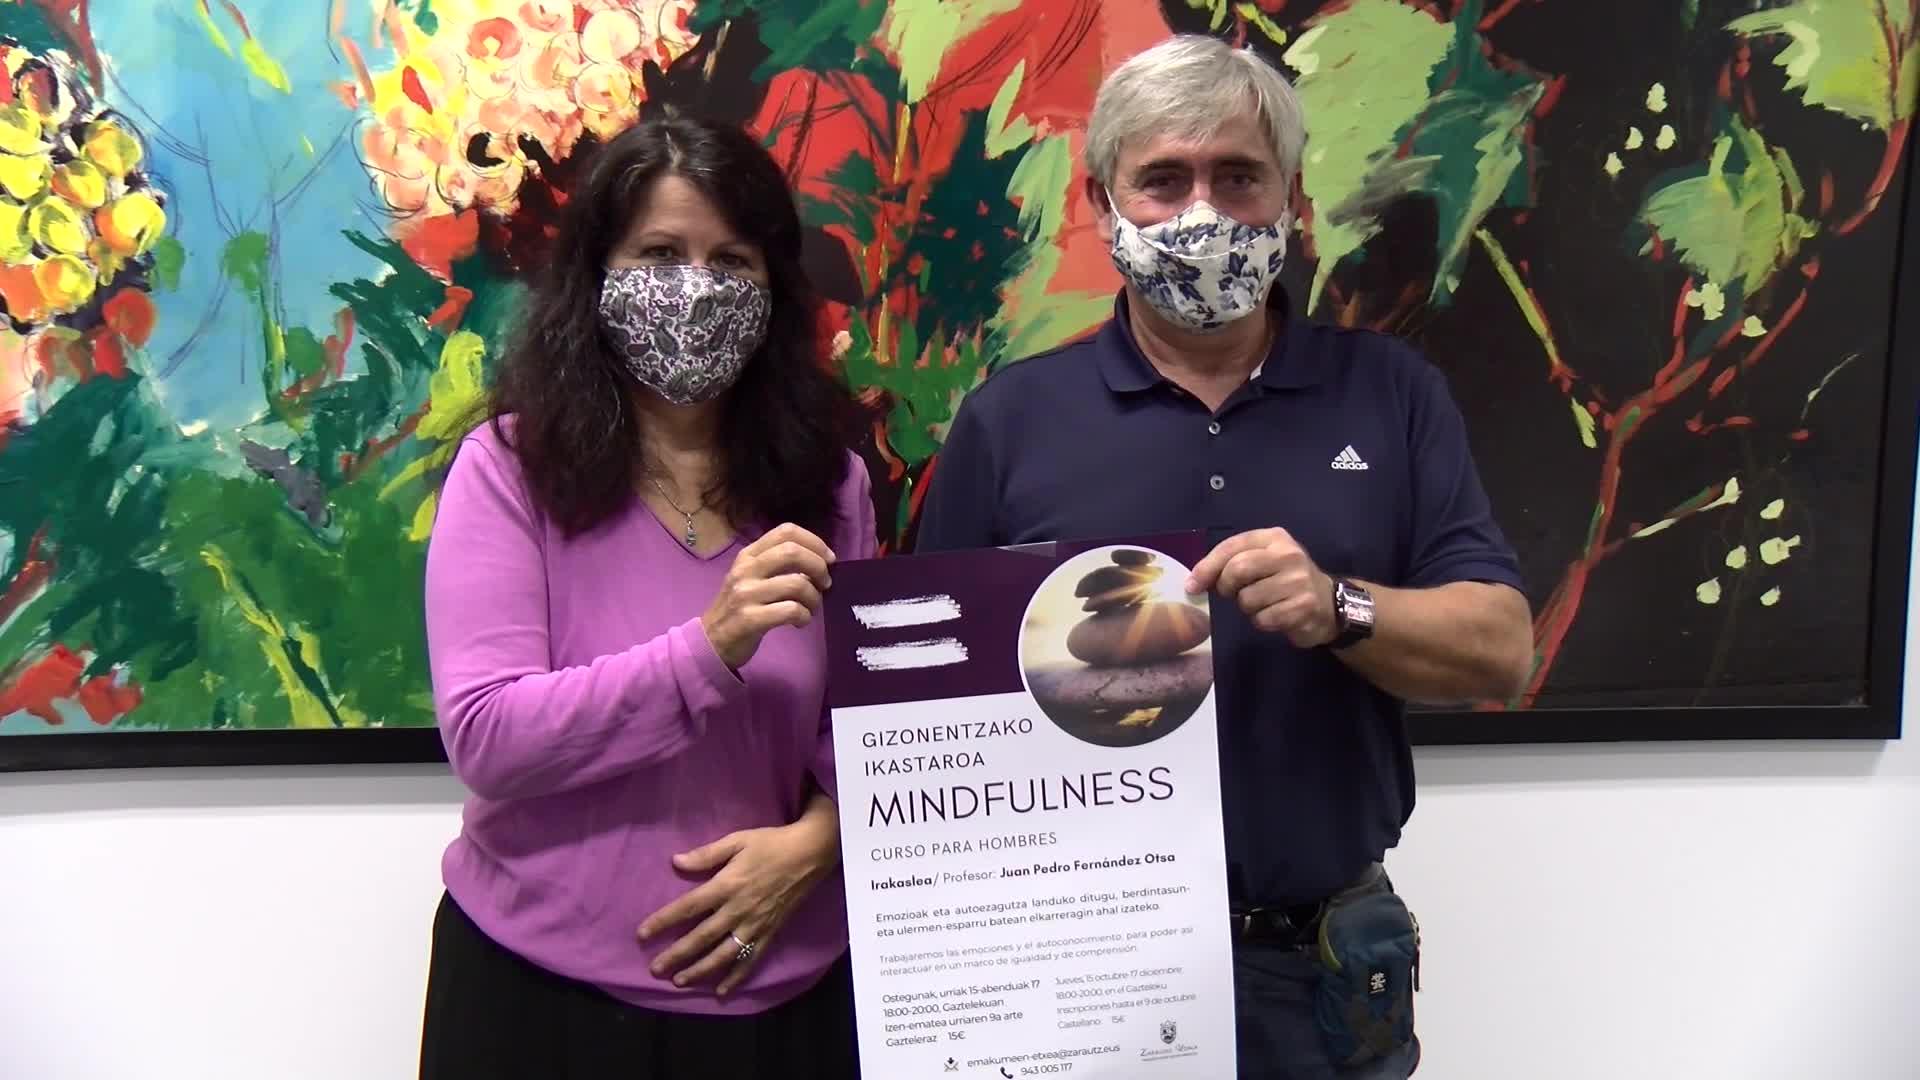 Mindfulness gizonentzako ikastaroa